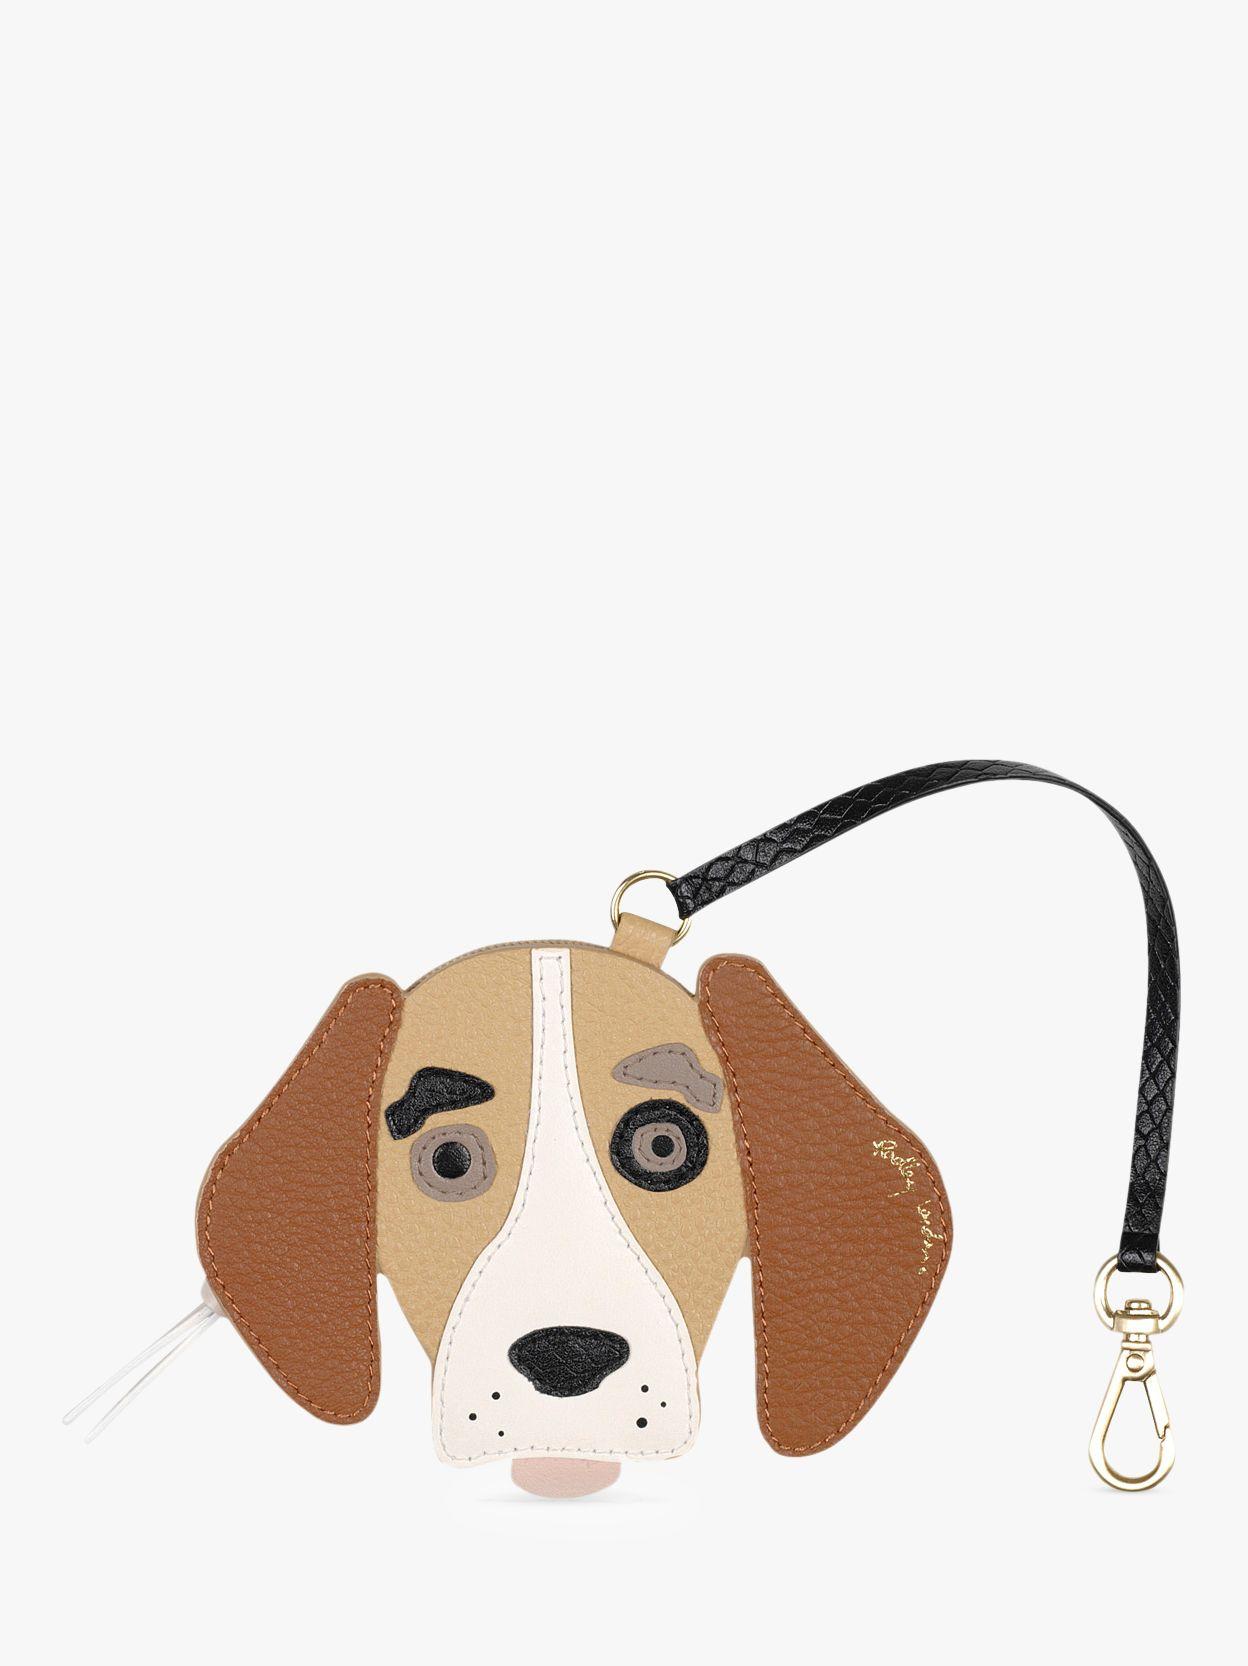 Radley Radley Radley & Friends Leather Beagle Bag Charm, Tan